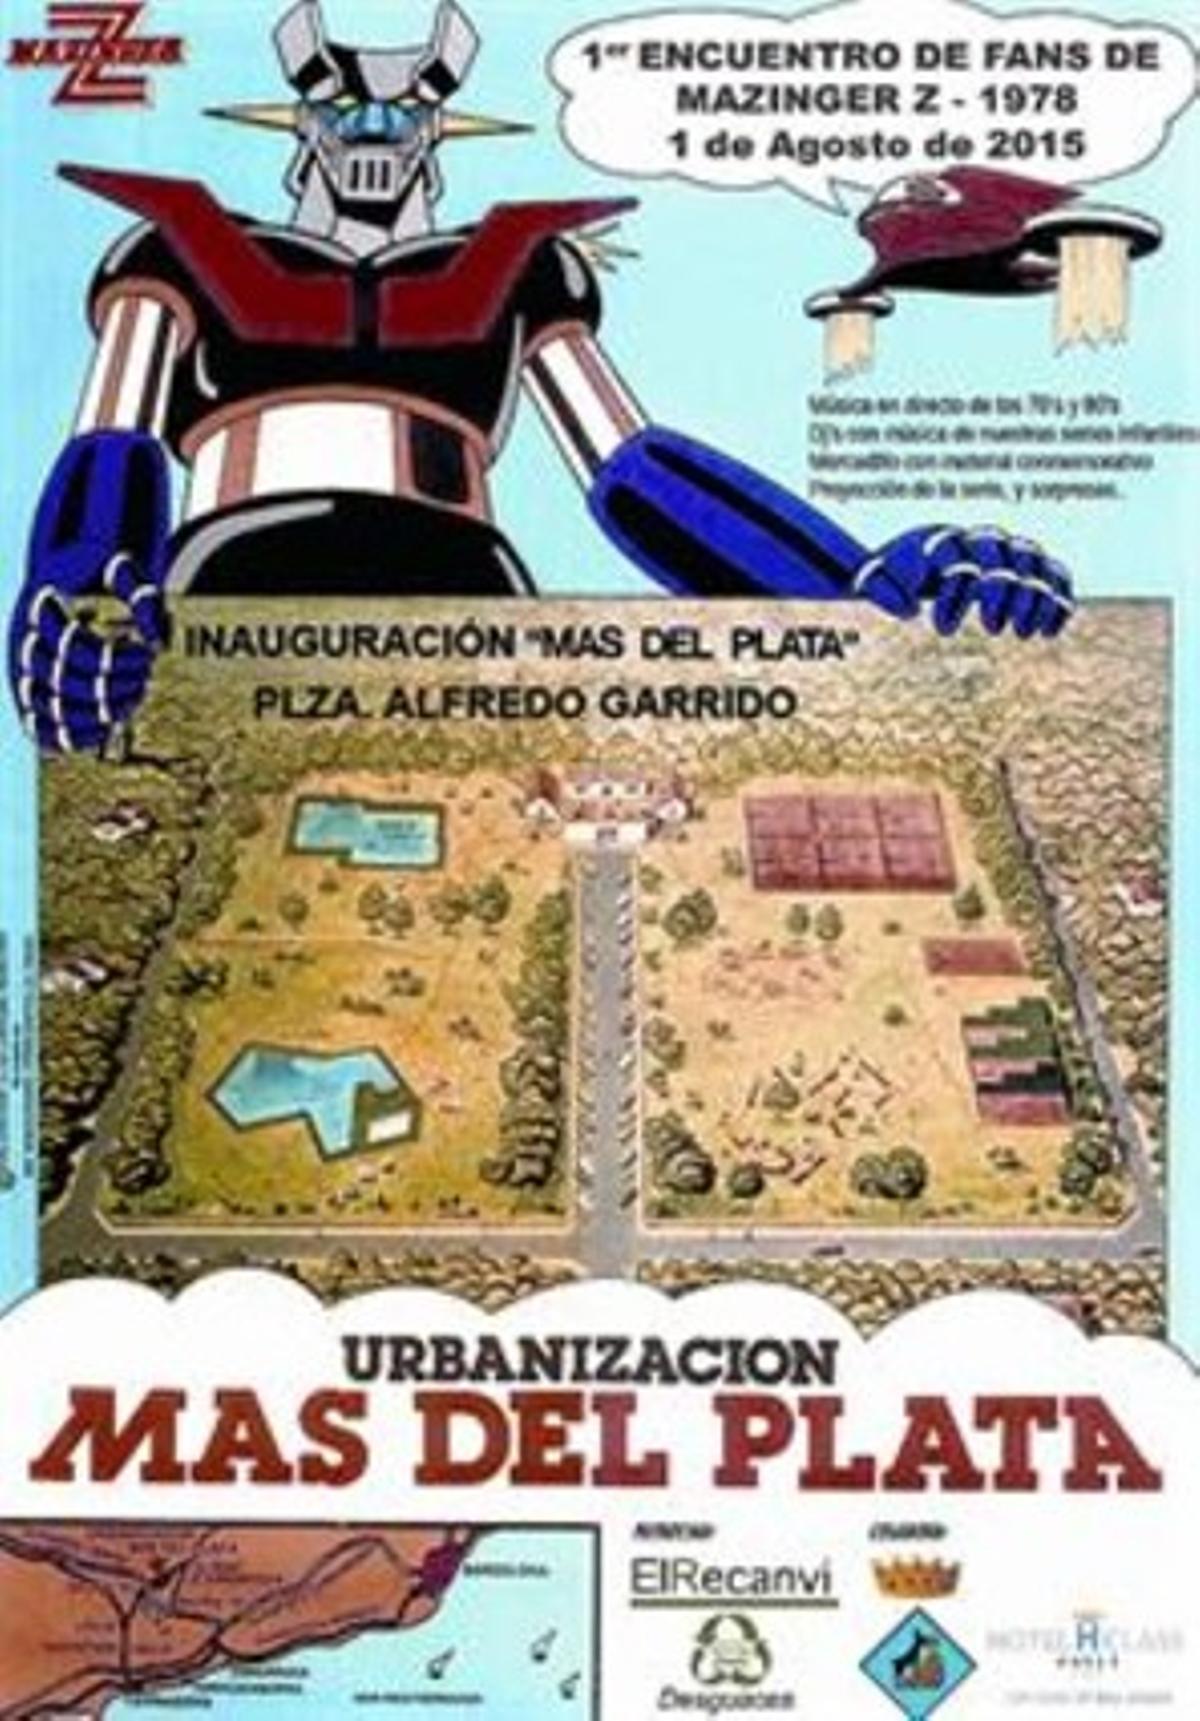 El cartel del encuentro celebrado el 1 de agosto -con un nombre provisional-, y el calendario publicado en 1979 por el promotor de Mas del Plata (abajo).